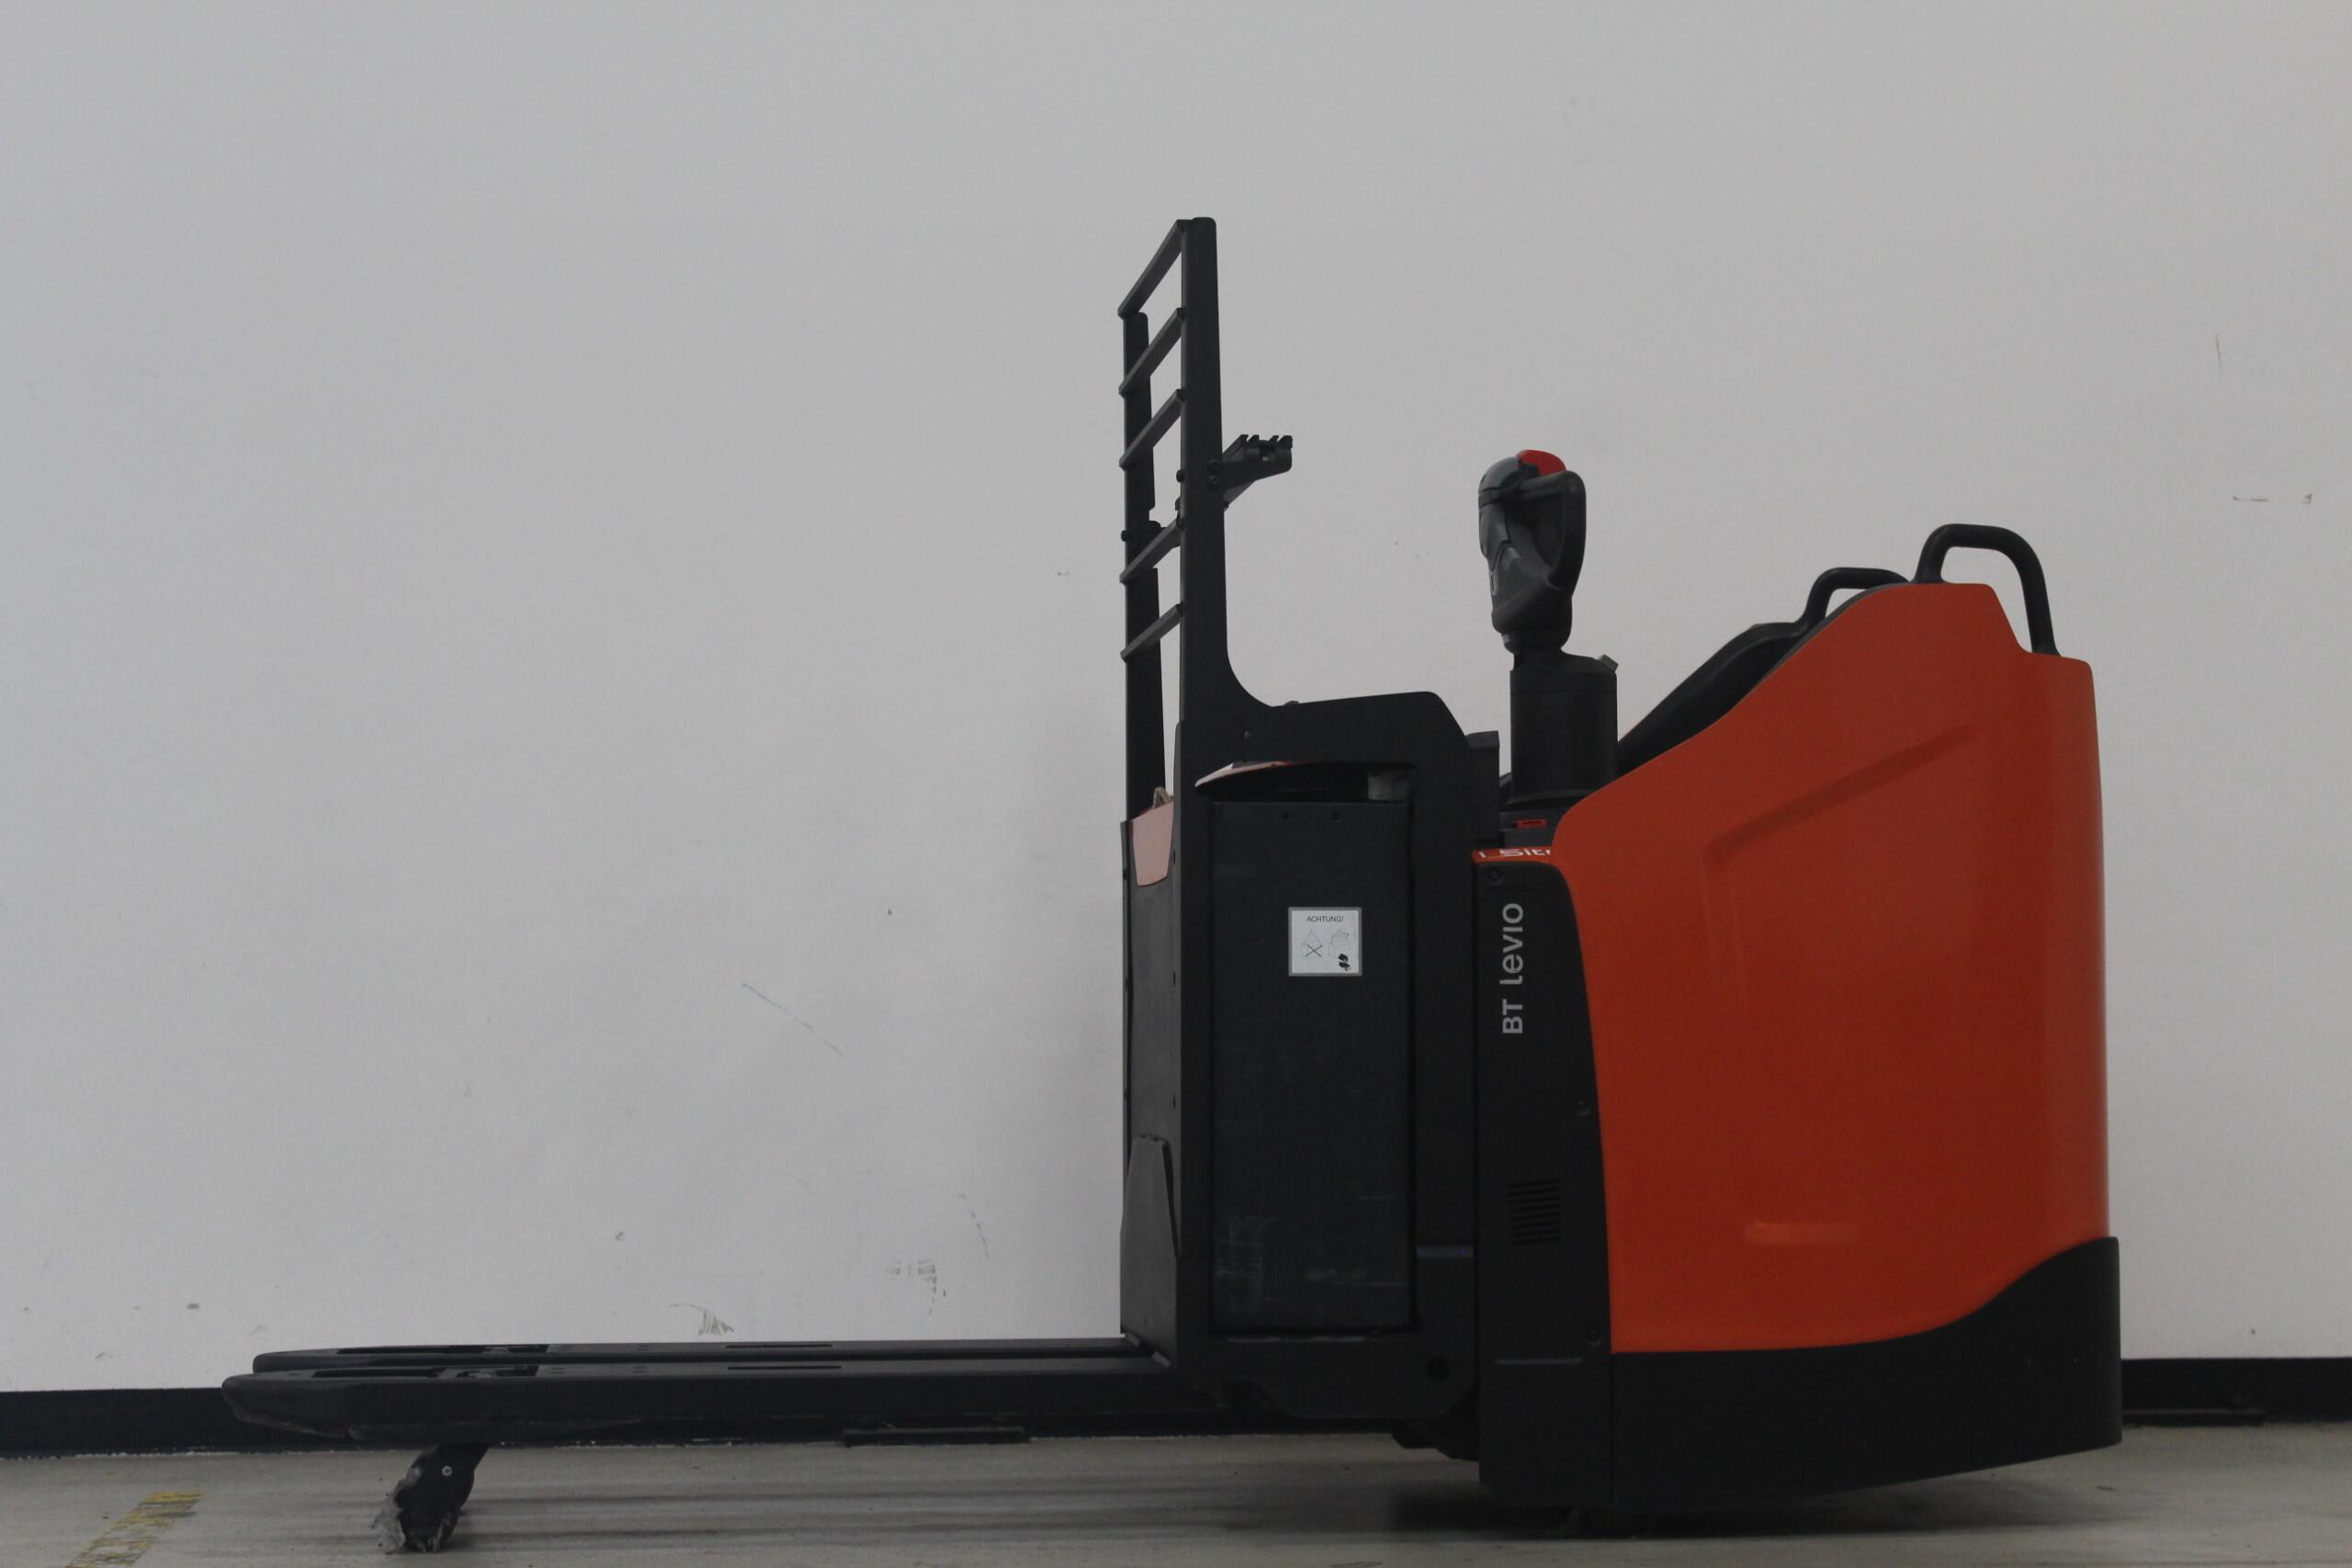 Toyota-Gabelstapler-59840 1710042612 1 10 scaled